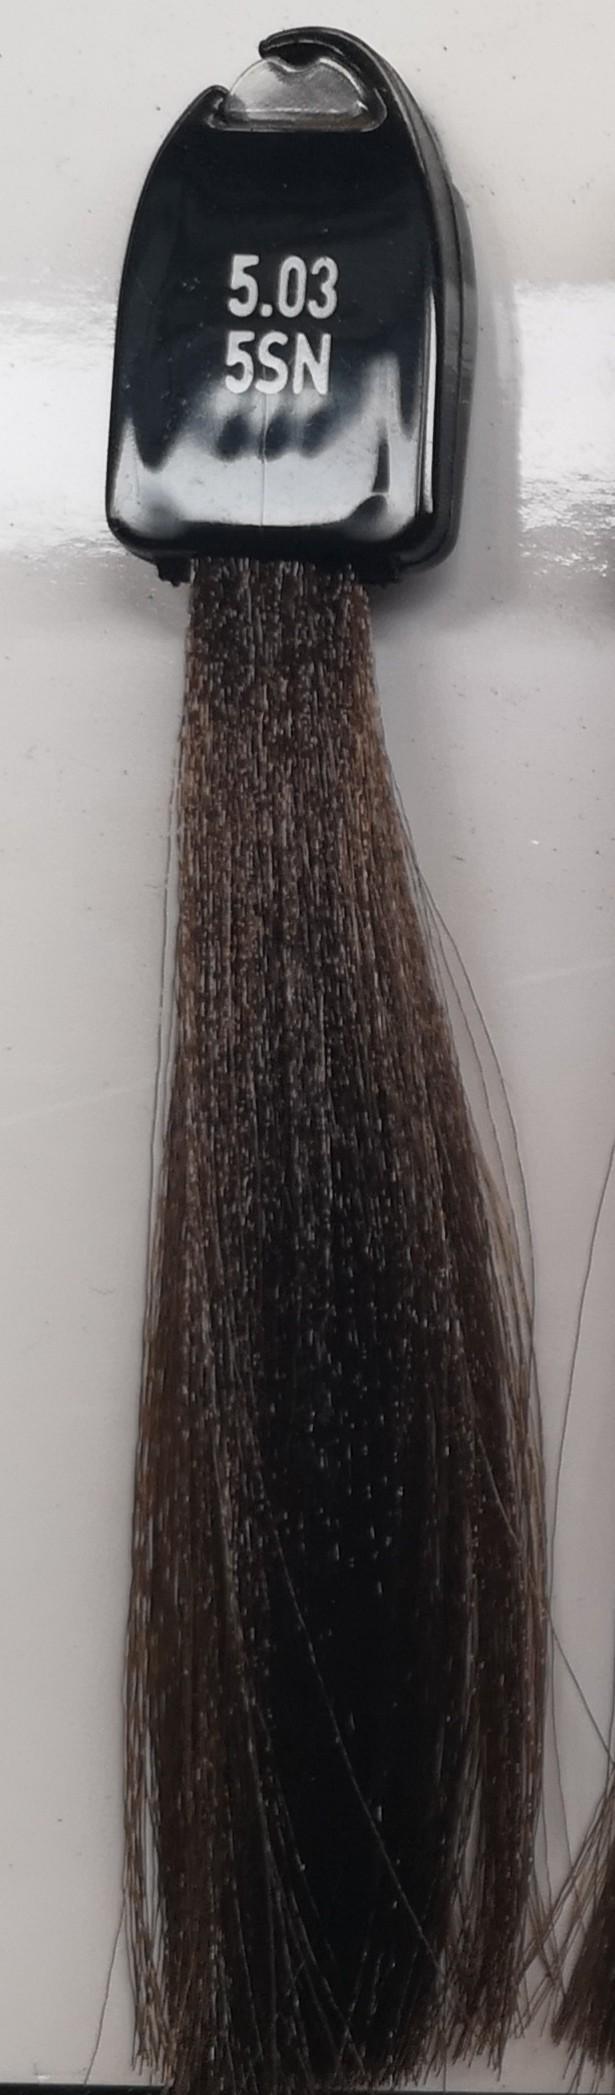 5.03 šilkinė natūrali šviesi ruda